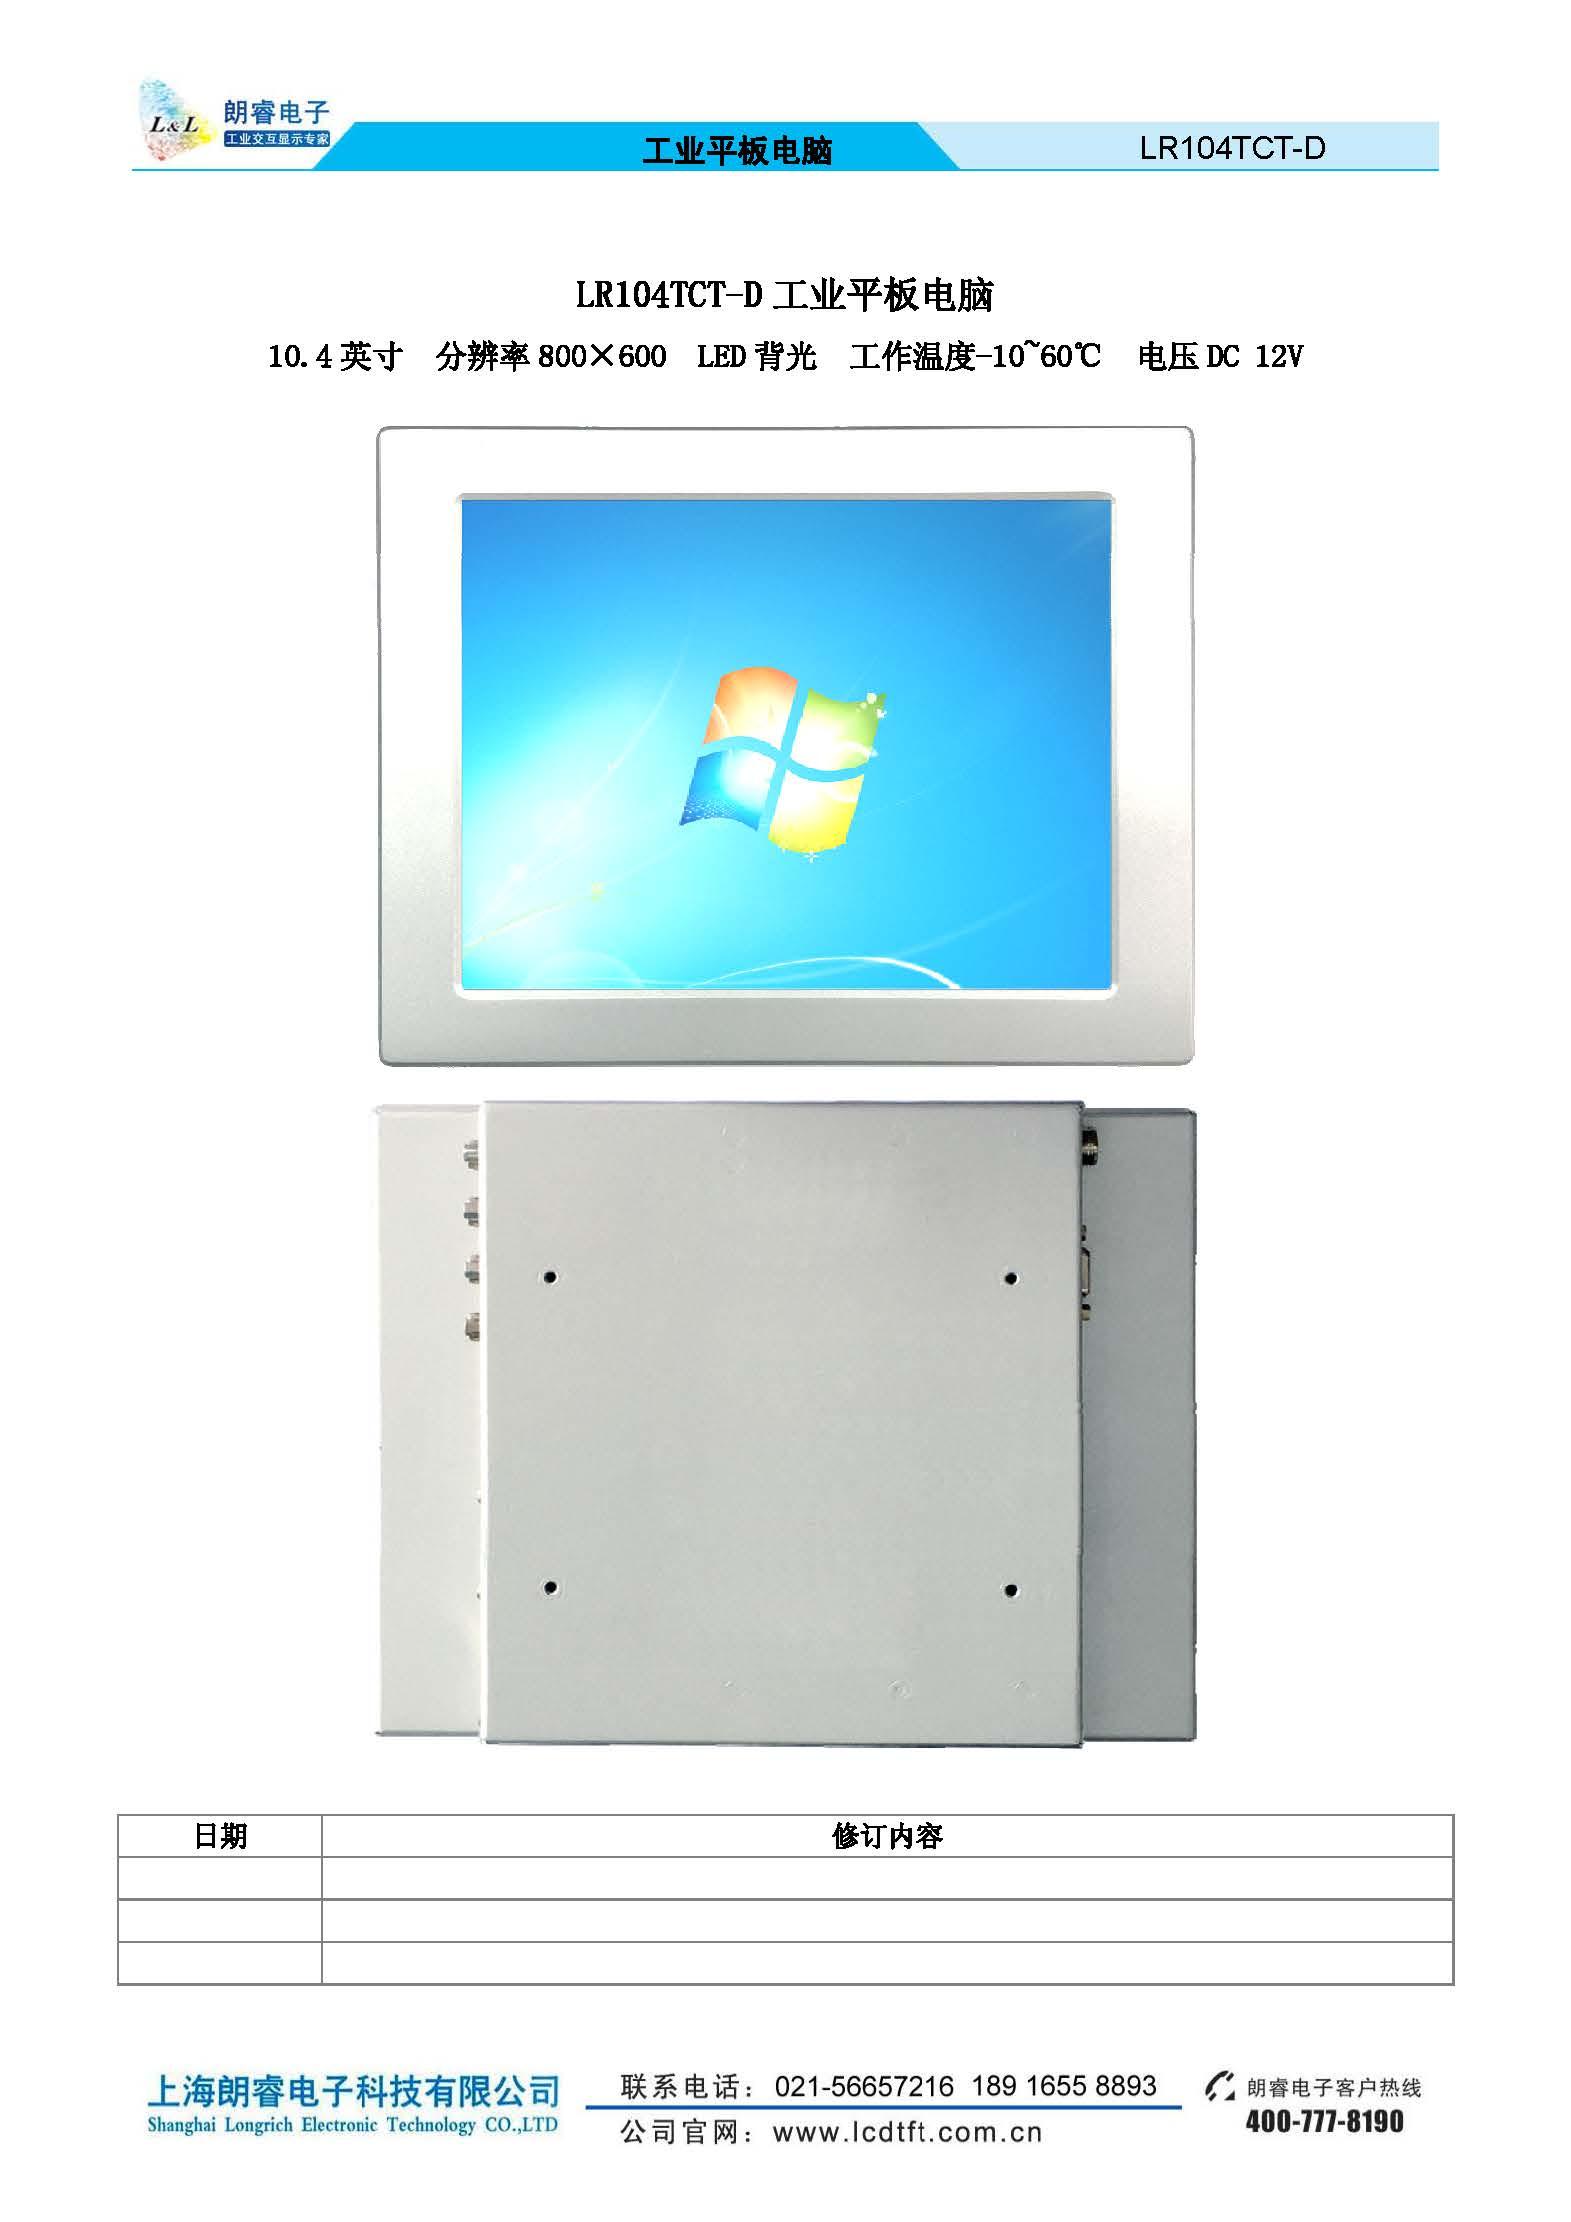 10.4(单网口)工业平板电脑一体机